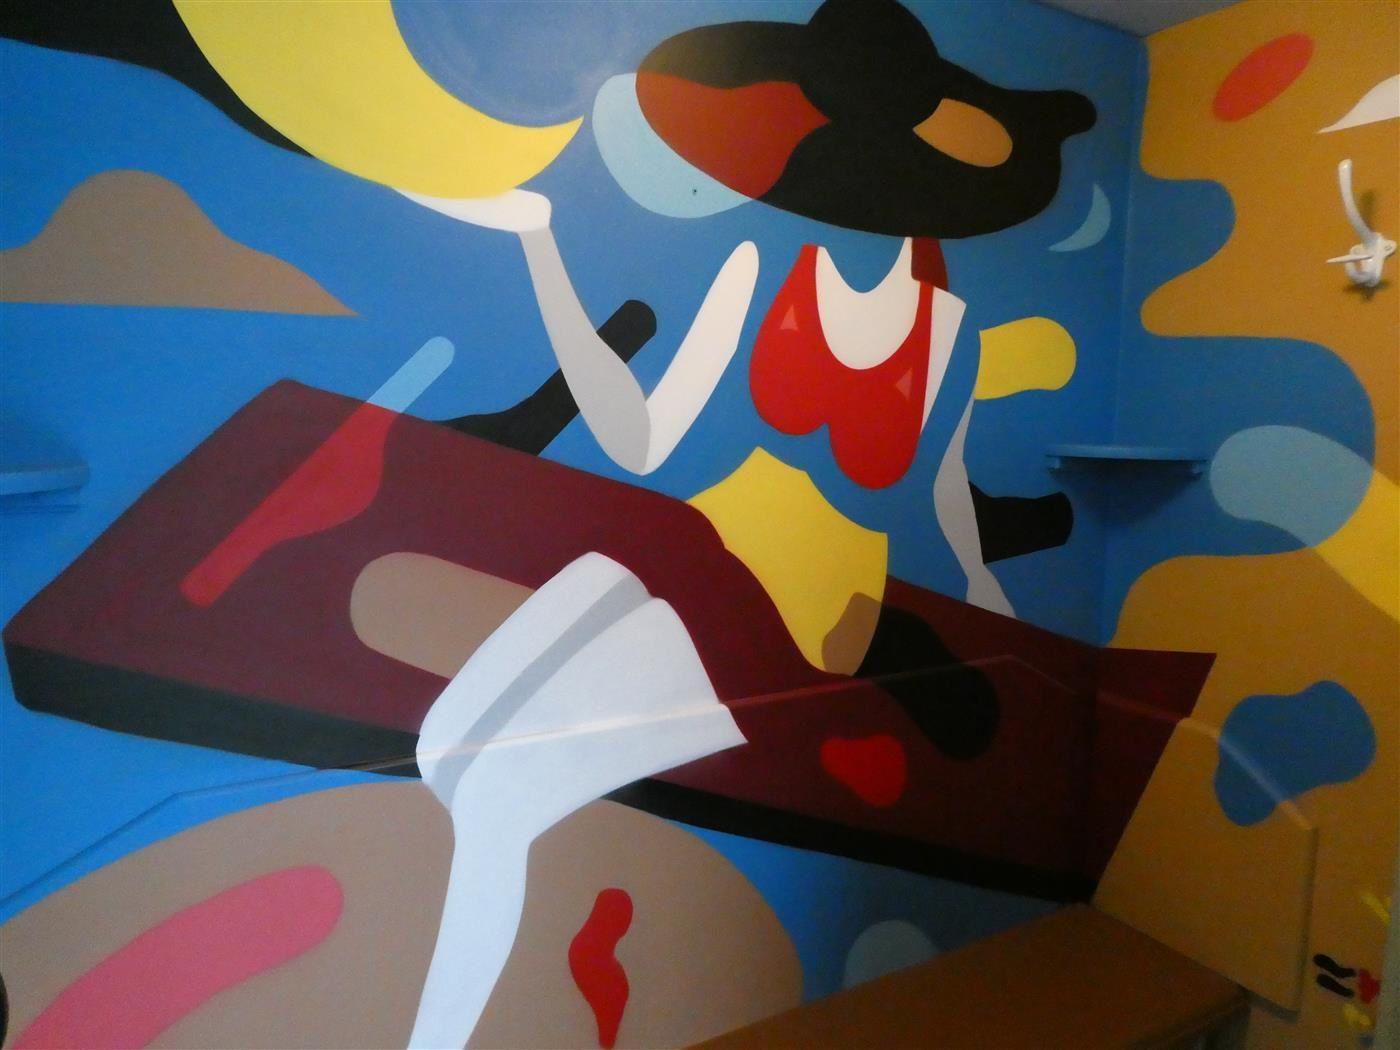 une piscine style art déco avec des cabines décorées par des artistes de street art....